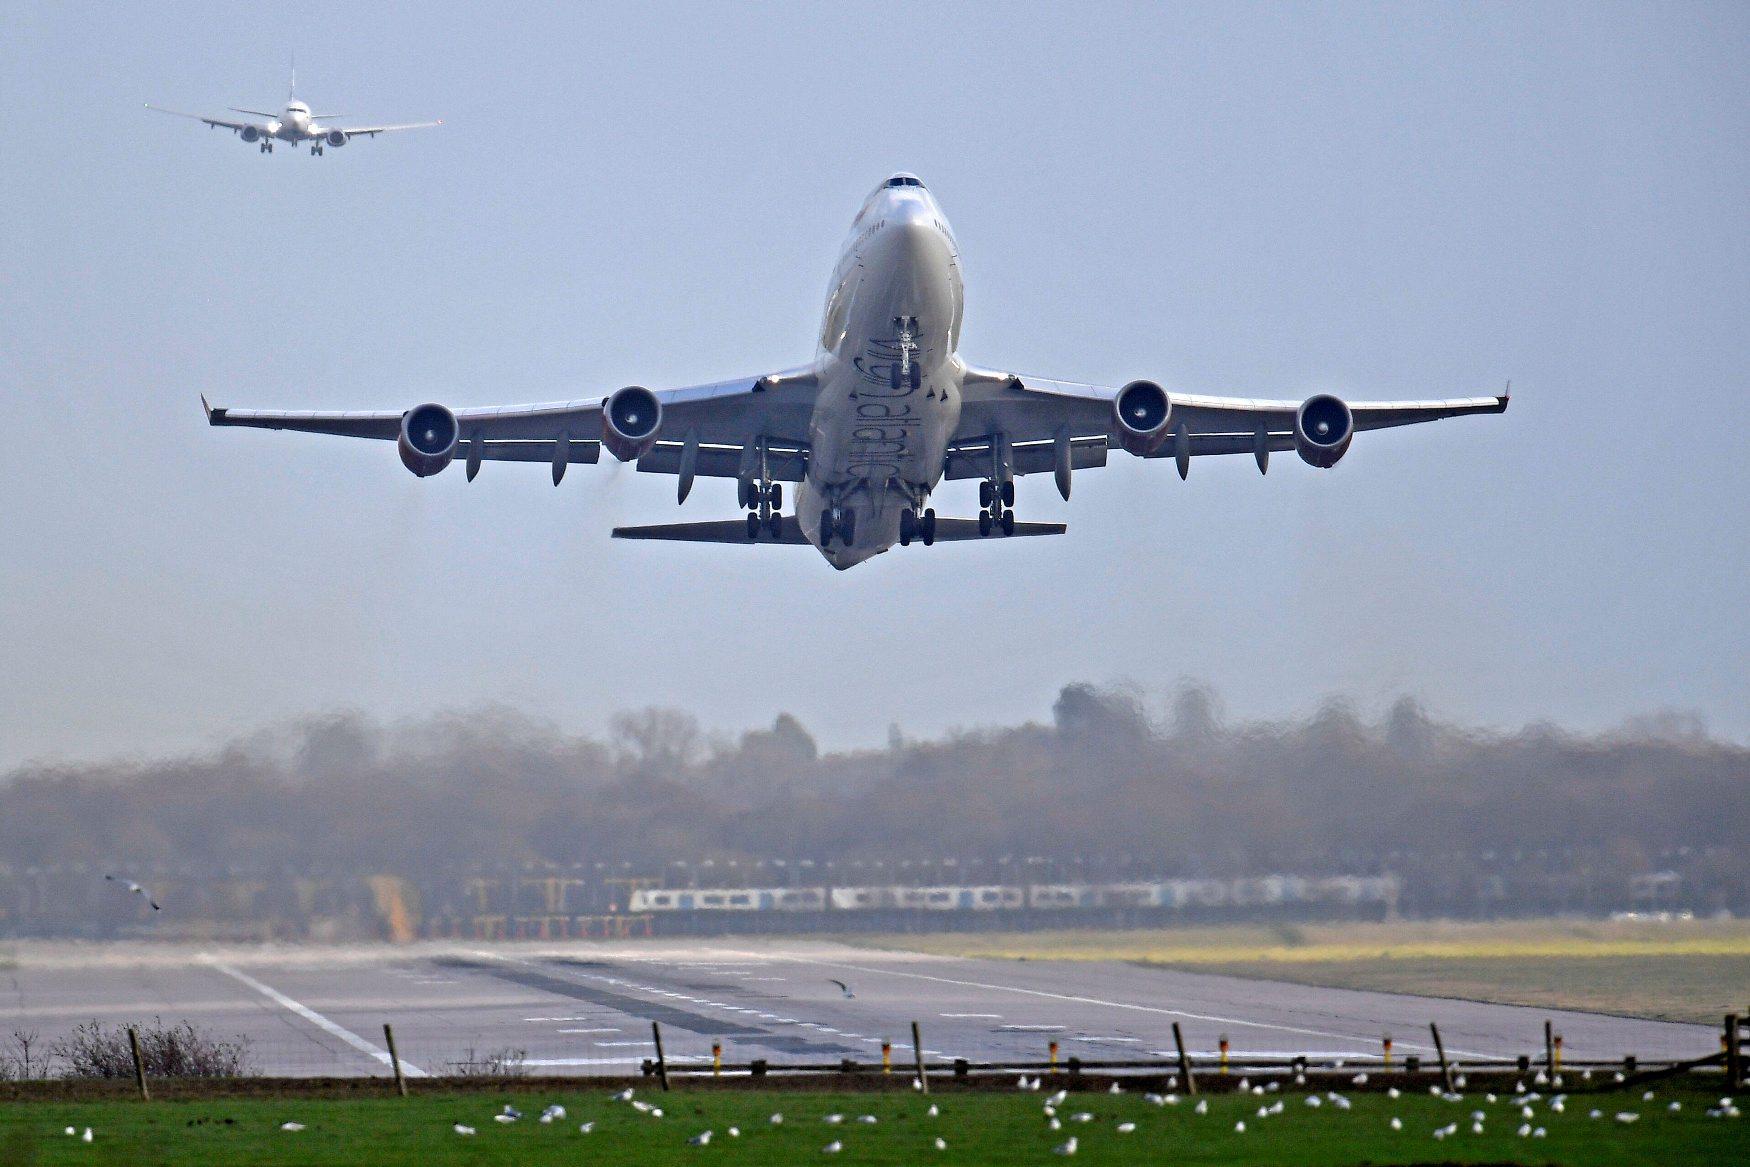 Uzlijetanje zrakoplova na aerodromu Gatwick nakon ponovnog otvaranja zračne luke zbog letenja dronova